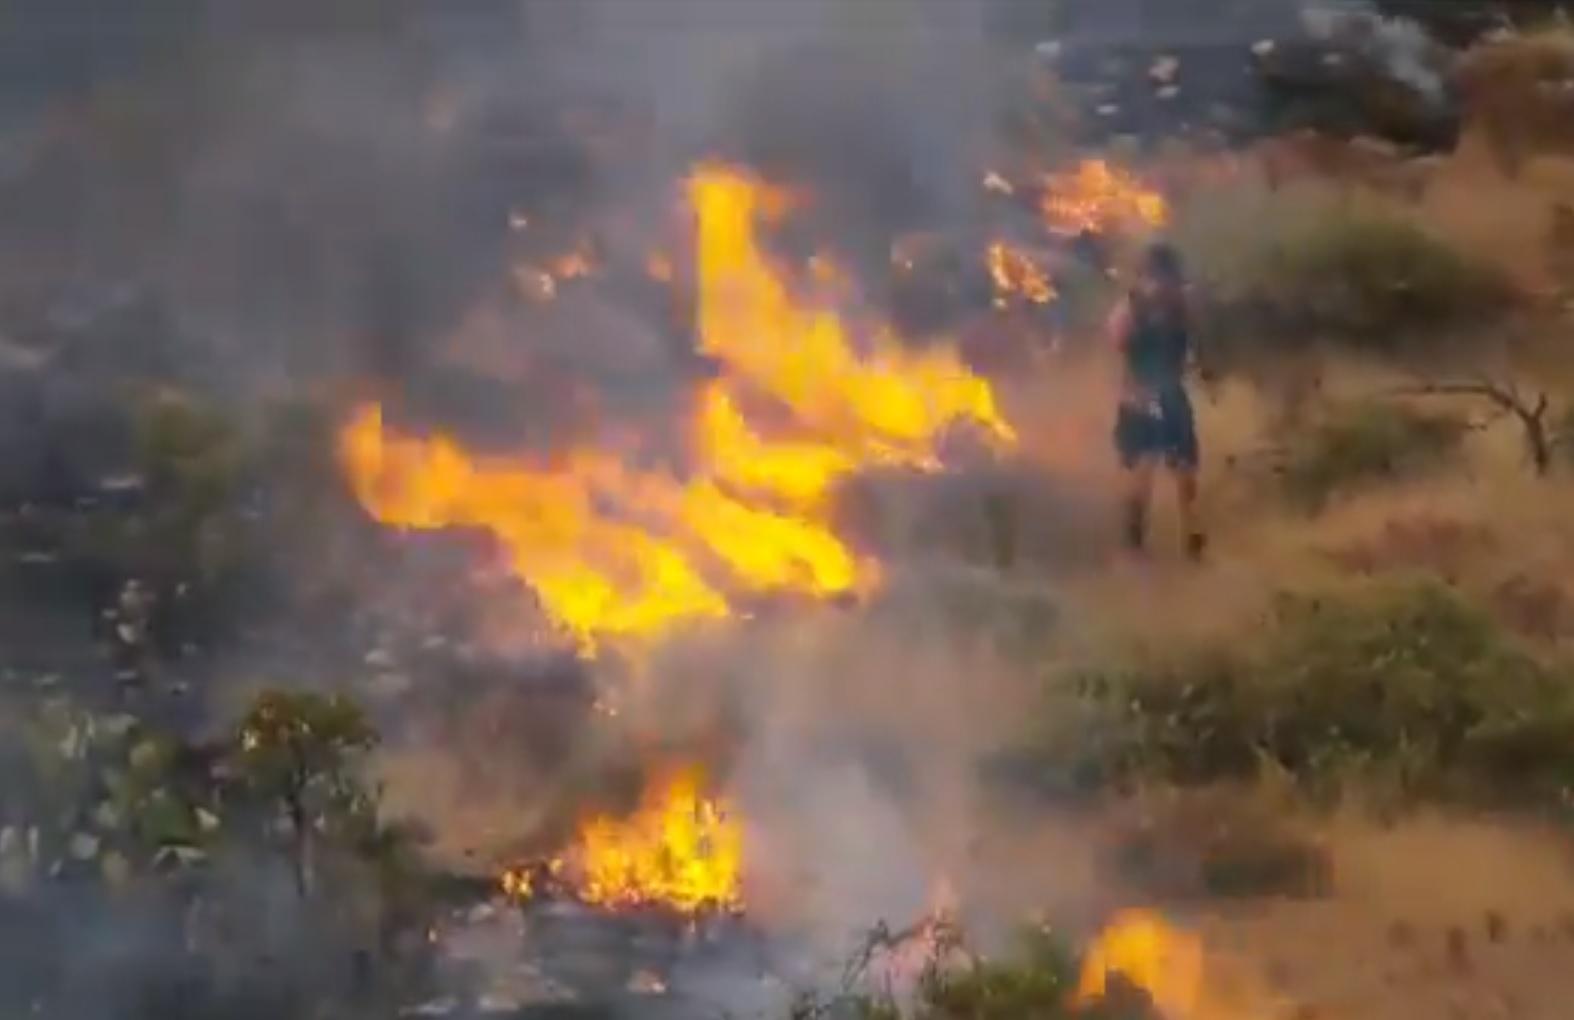 Tornacipőben rugdosódva próbálta megfékezni a tüzet egy kocogó férfi Phoenixnél